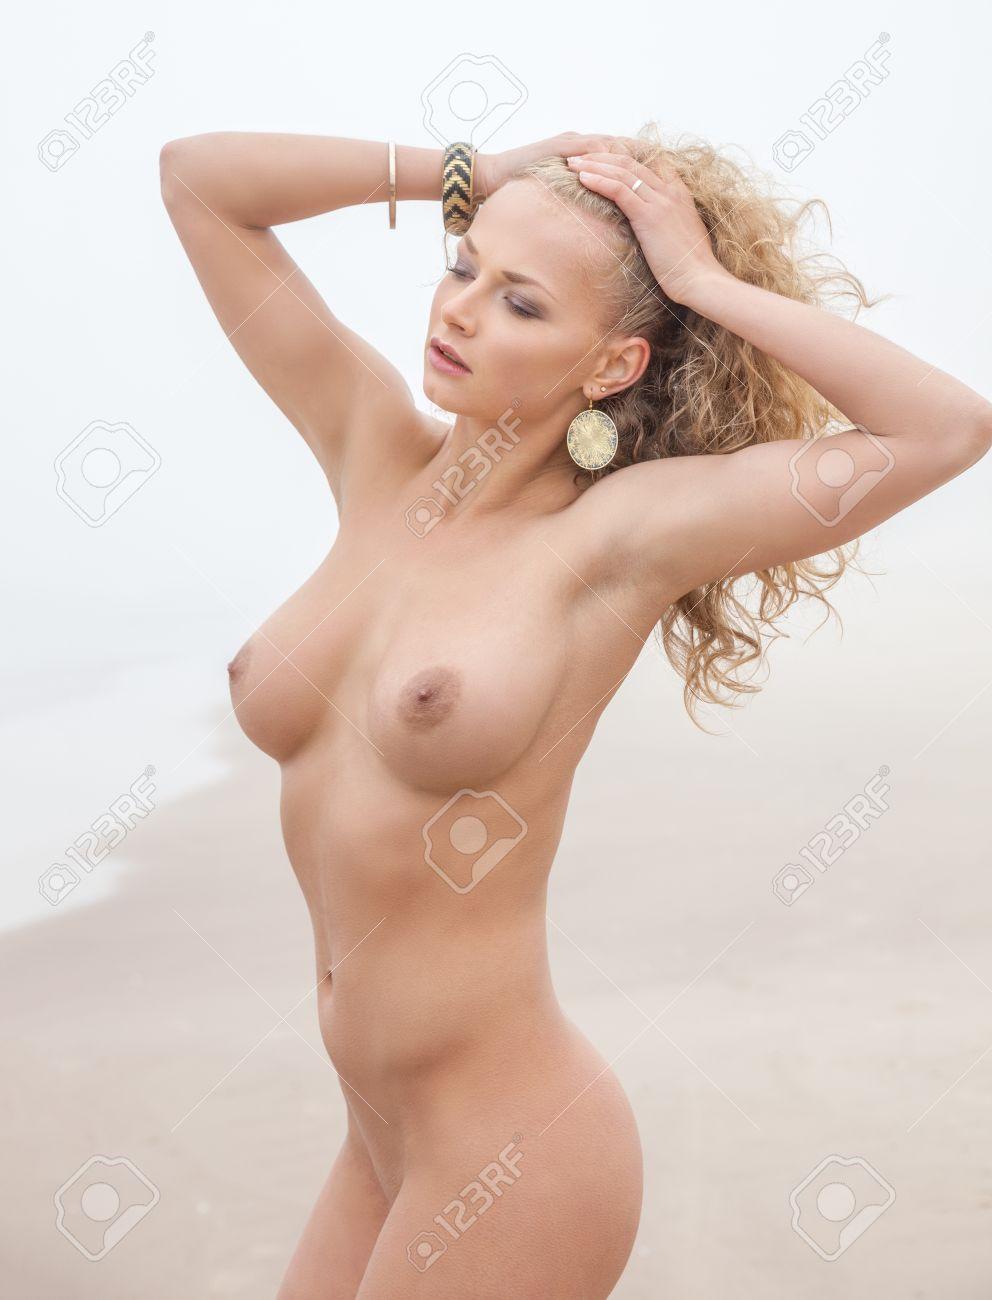 Beautiful Nude Woman Posing On Sea Beach In Foggy Day Stock Photo 23834172